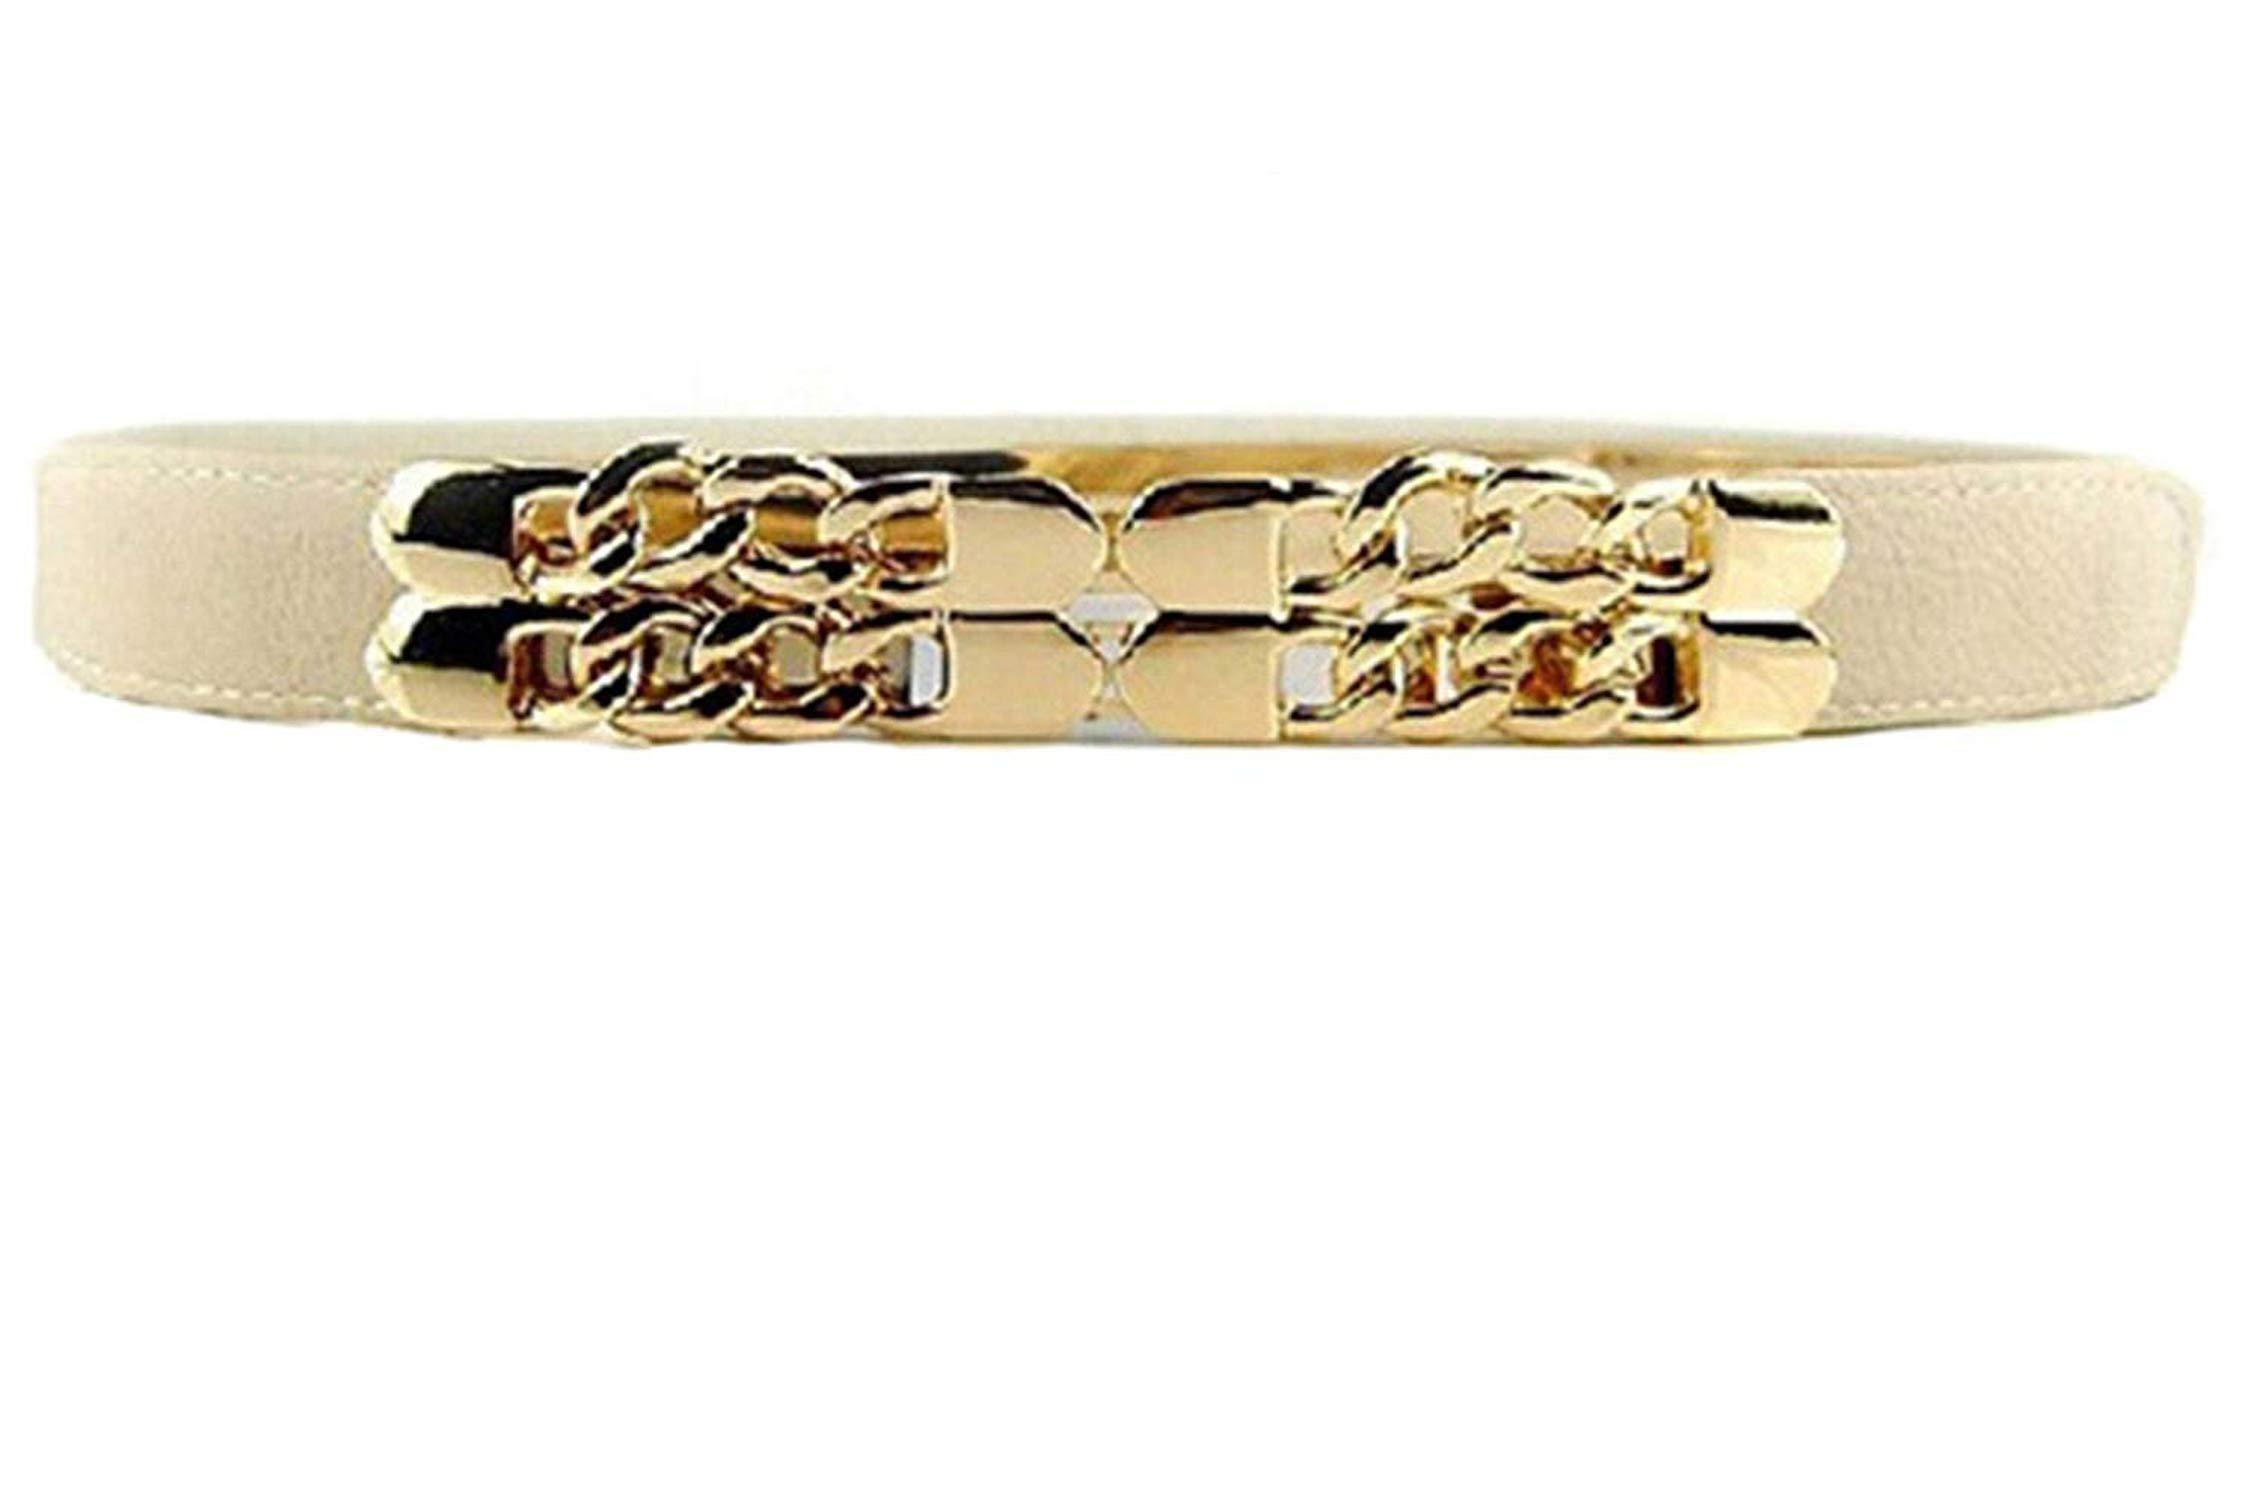 OnIn Golden Chain for Dress Thin Elastic Waistband Wedding Dress Belt,OneSize,Khaki by OnIn Apparel-belts